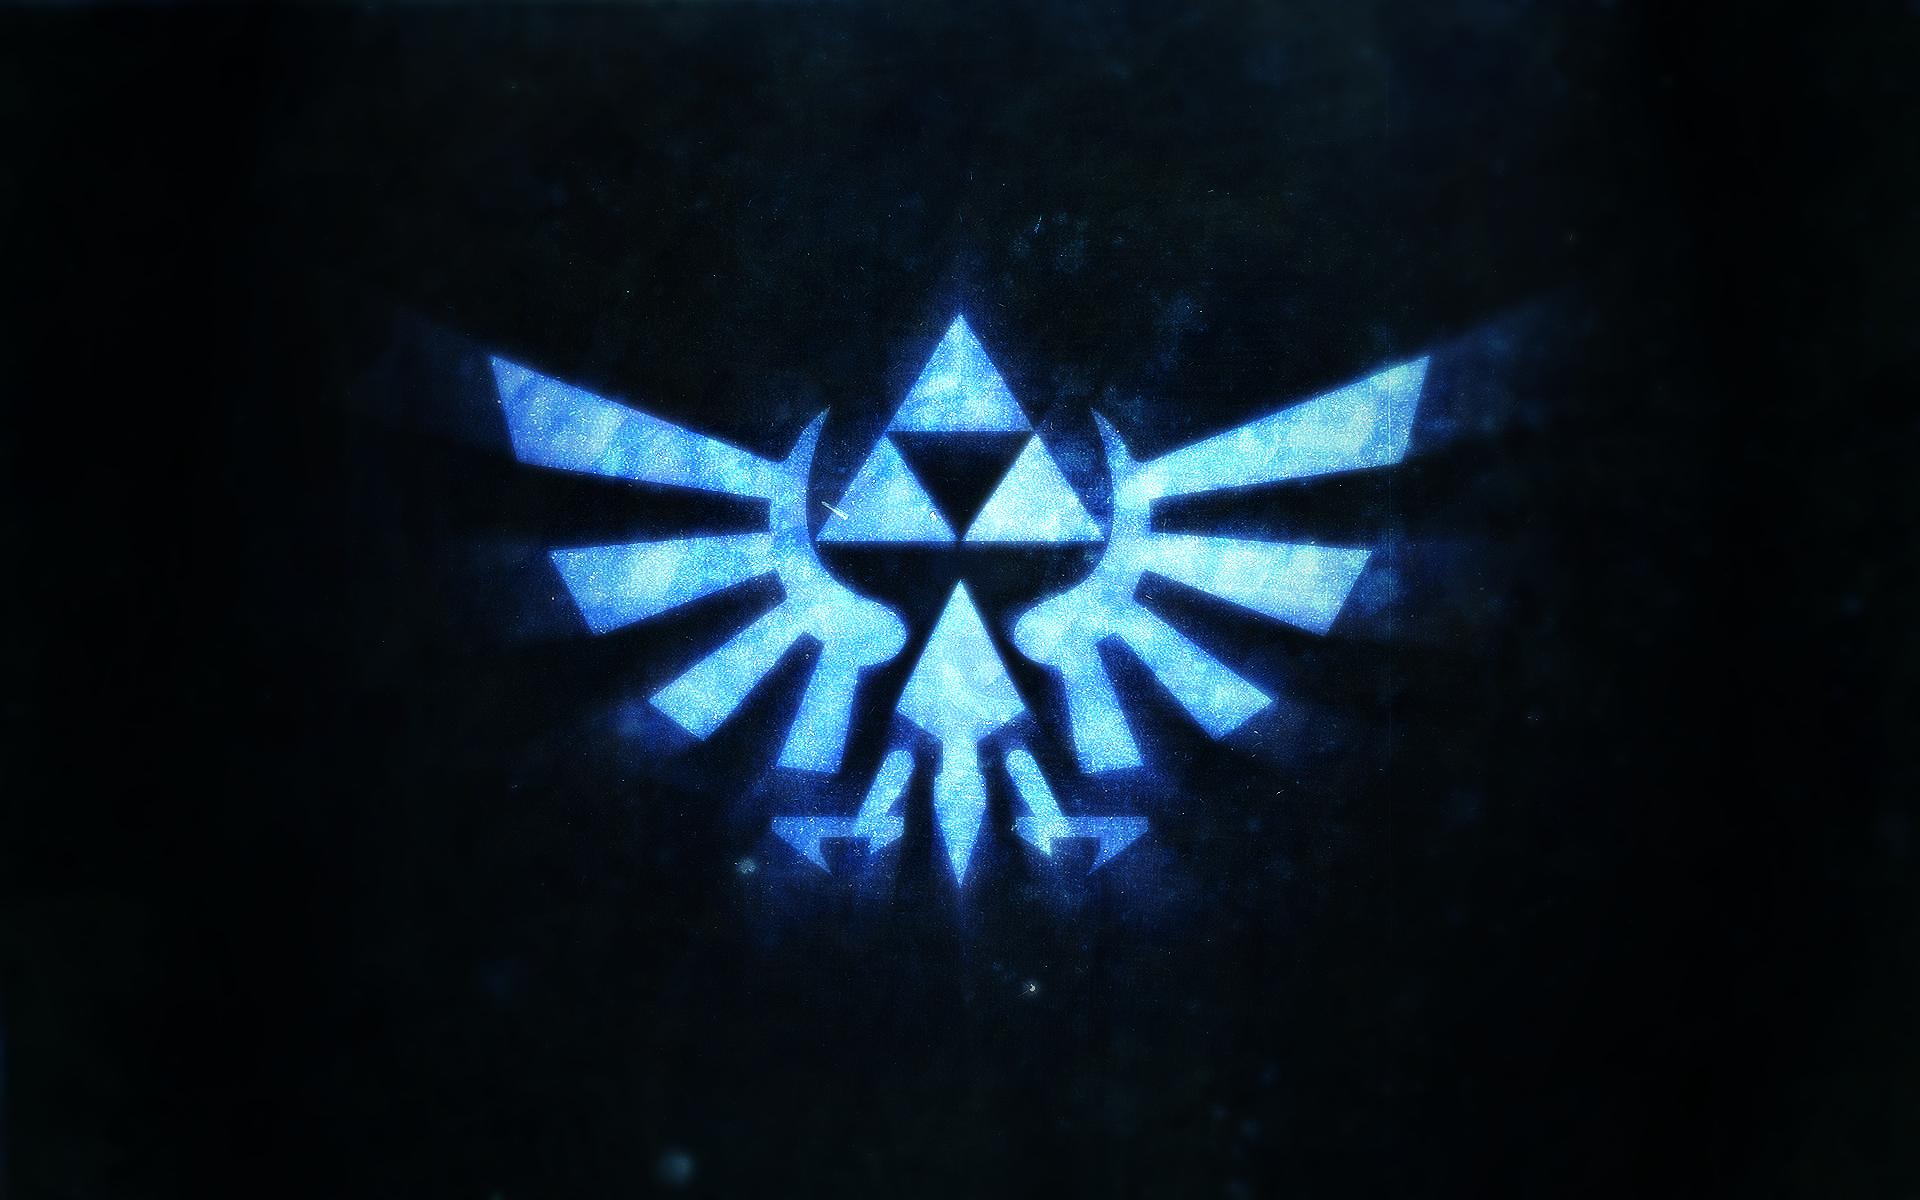 Legend Of Zelda Facebook Cover wallpaper   230928 1920x1200